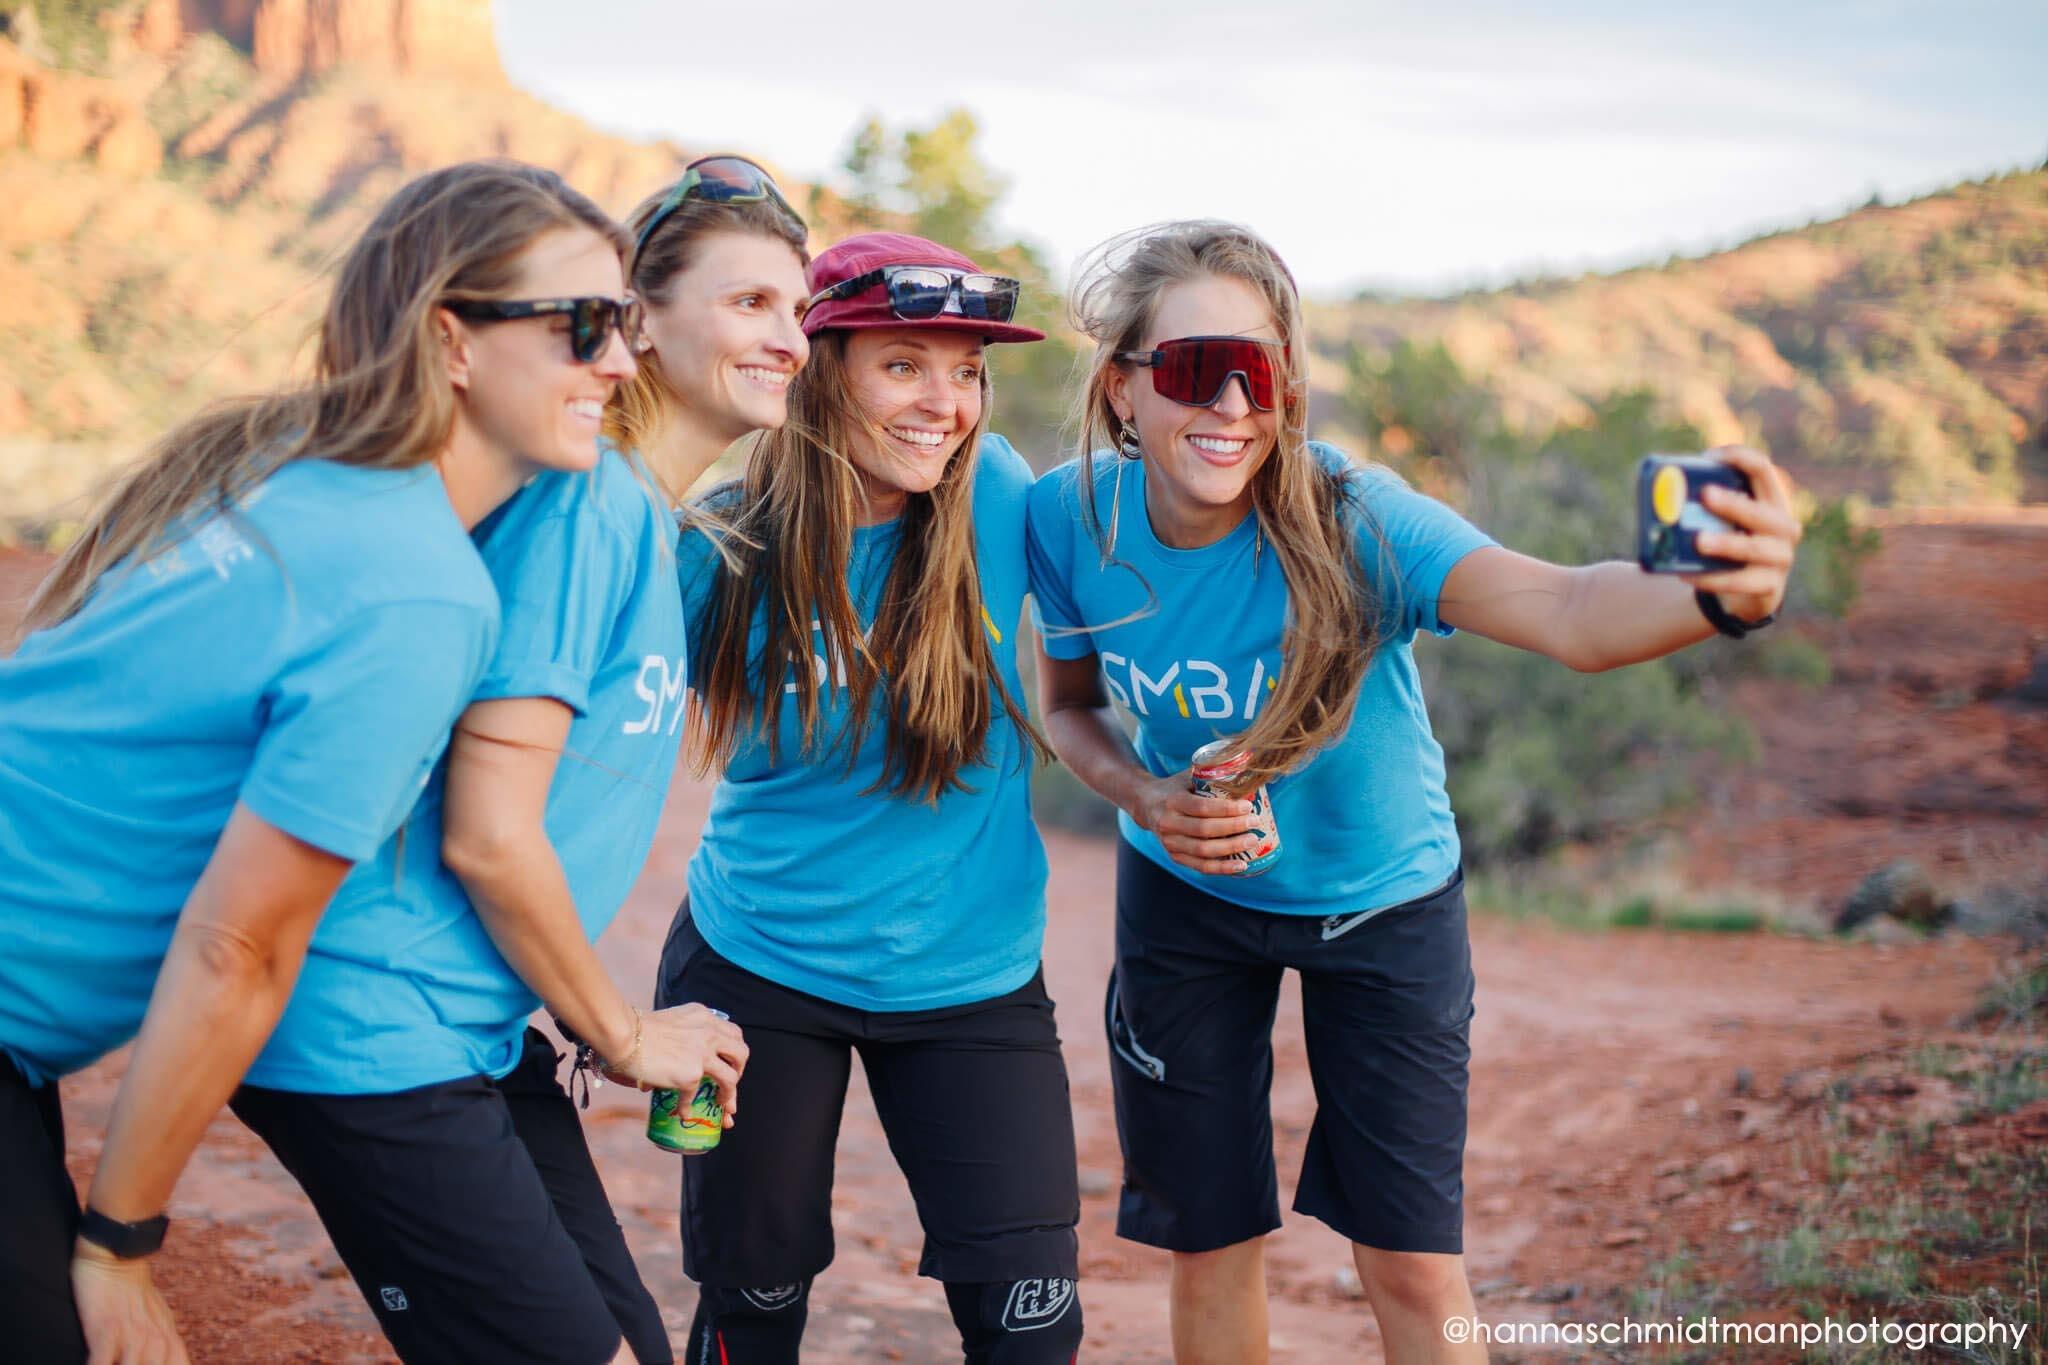 Thunder Mountain Bike's Women's Gear Guide